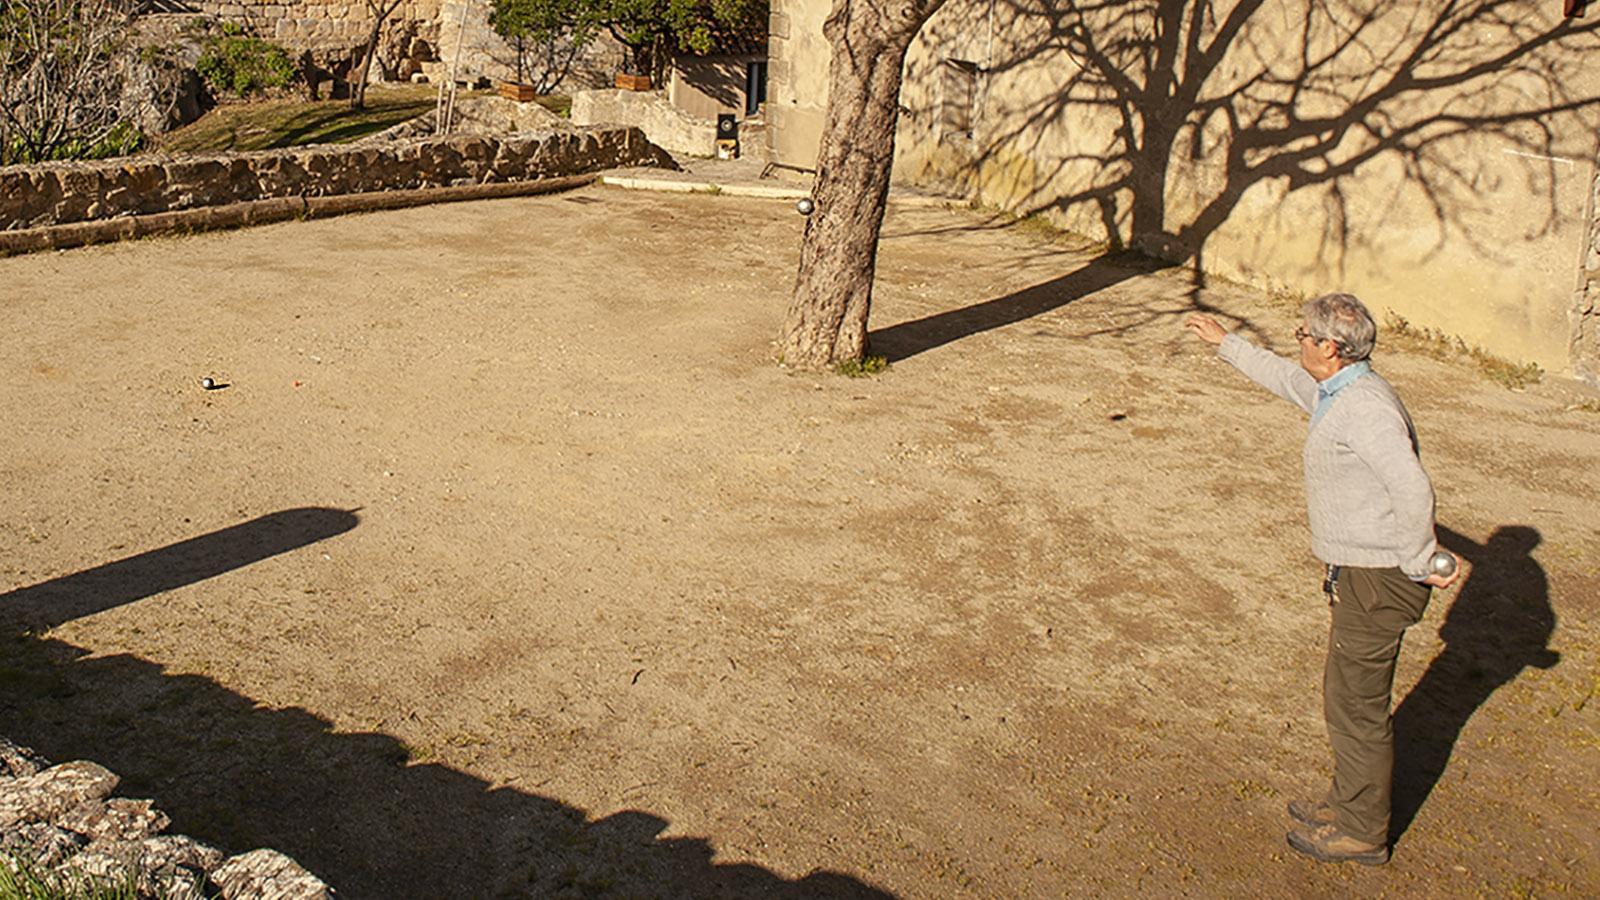 Pétanques: gespielt wird mit geschlossenen Füßen, still stehend. Foto: Hilke Maunder